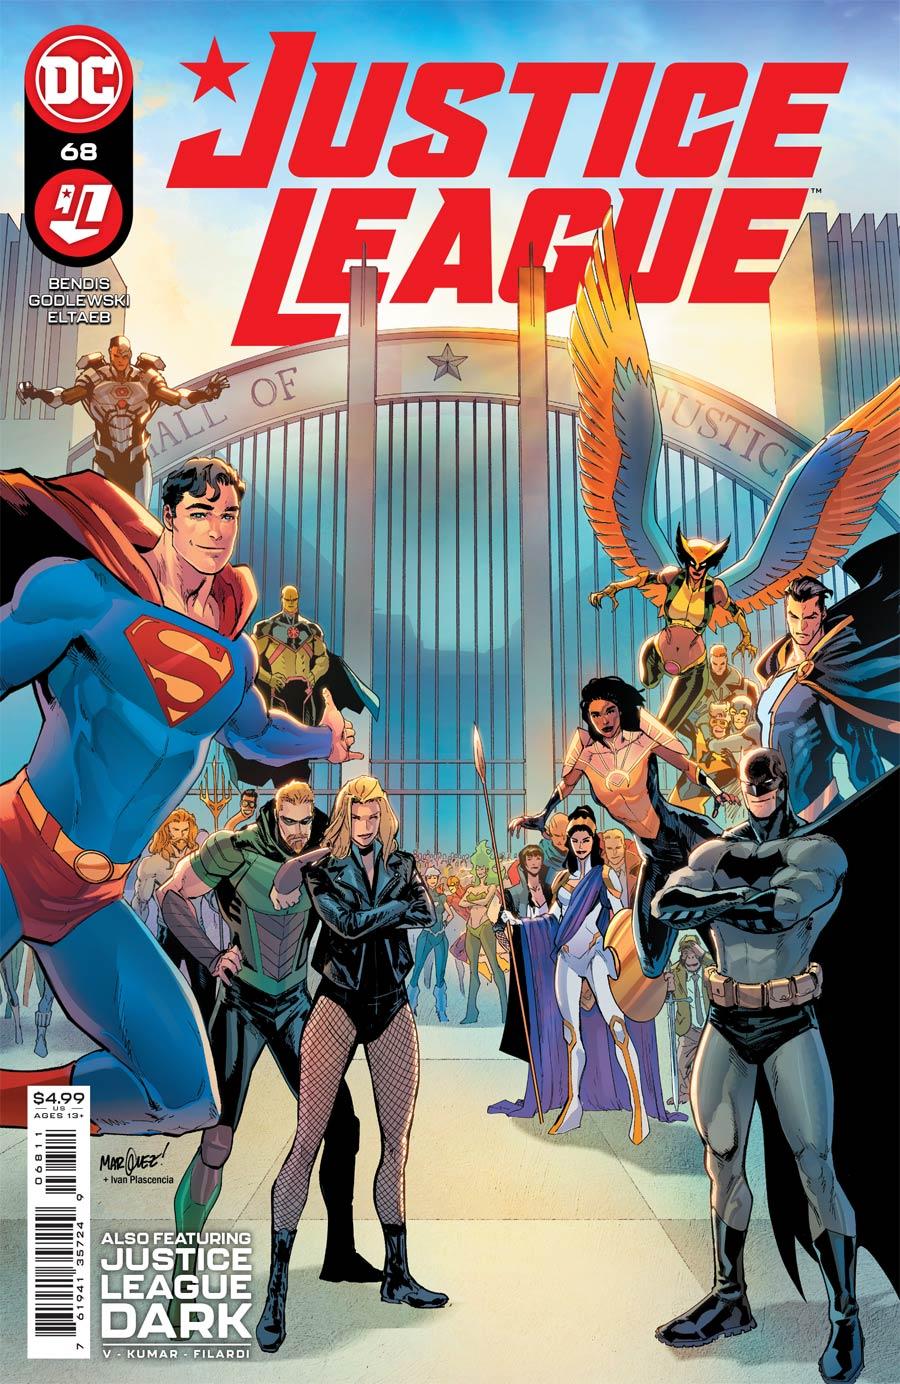 Justice League Vol 4 #68 Cover A Regular David Marquez Cover